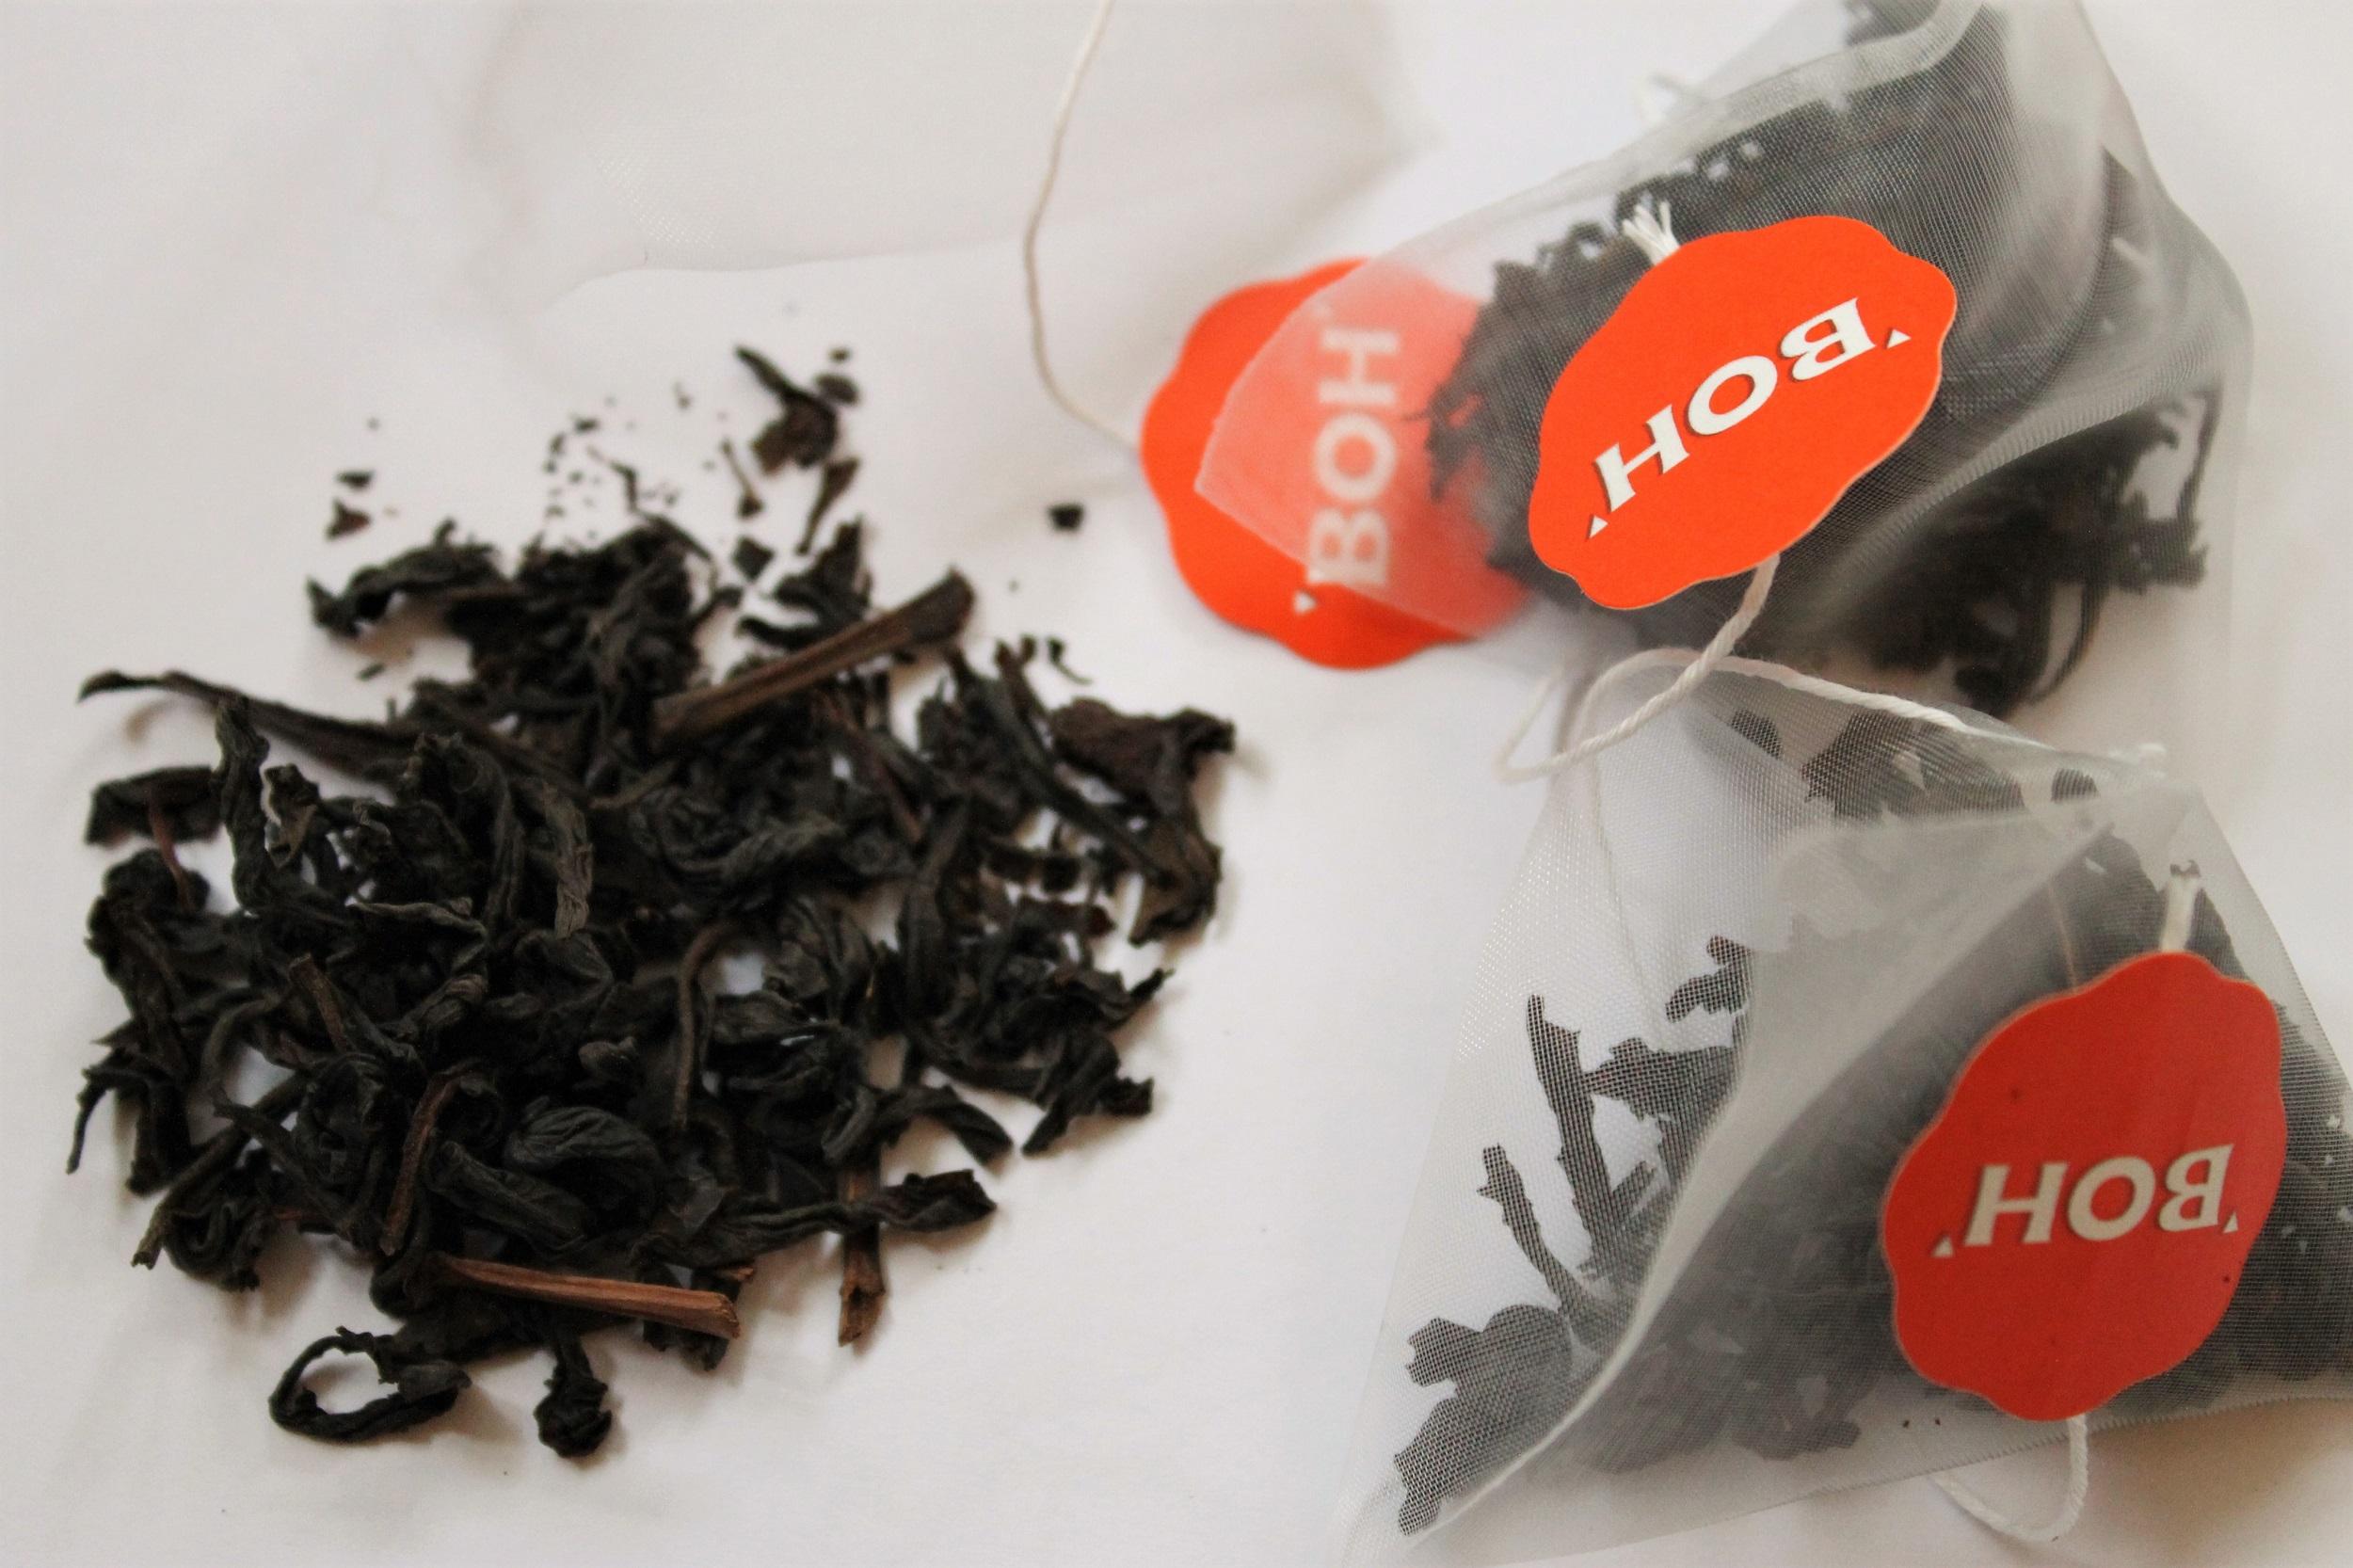 boh malaysia black tea